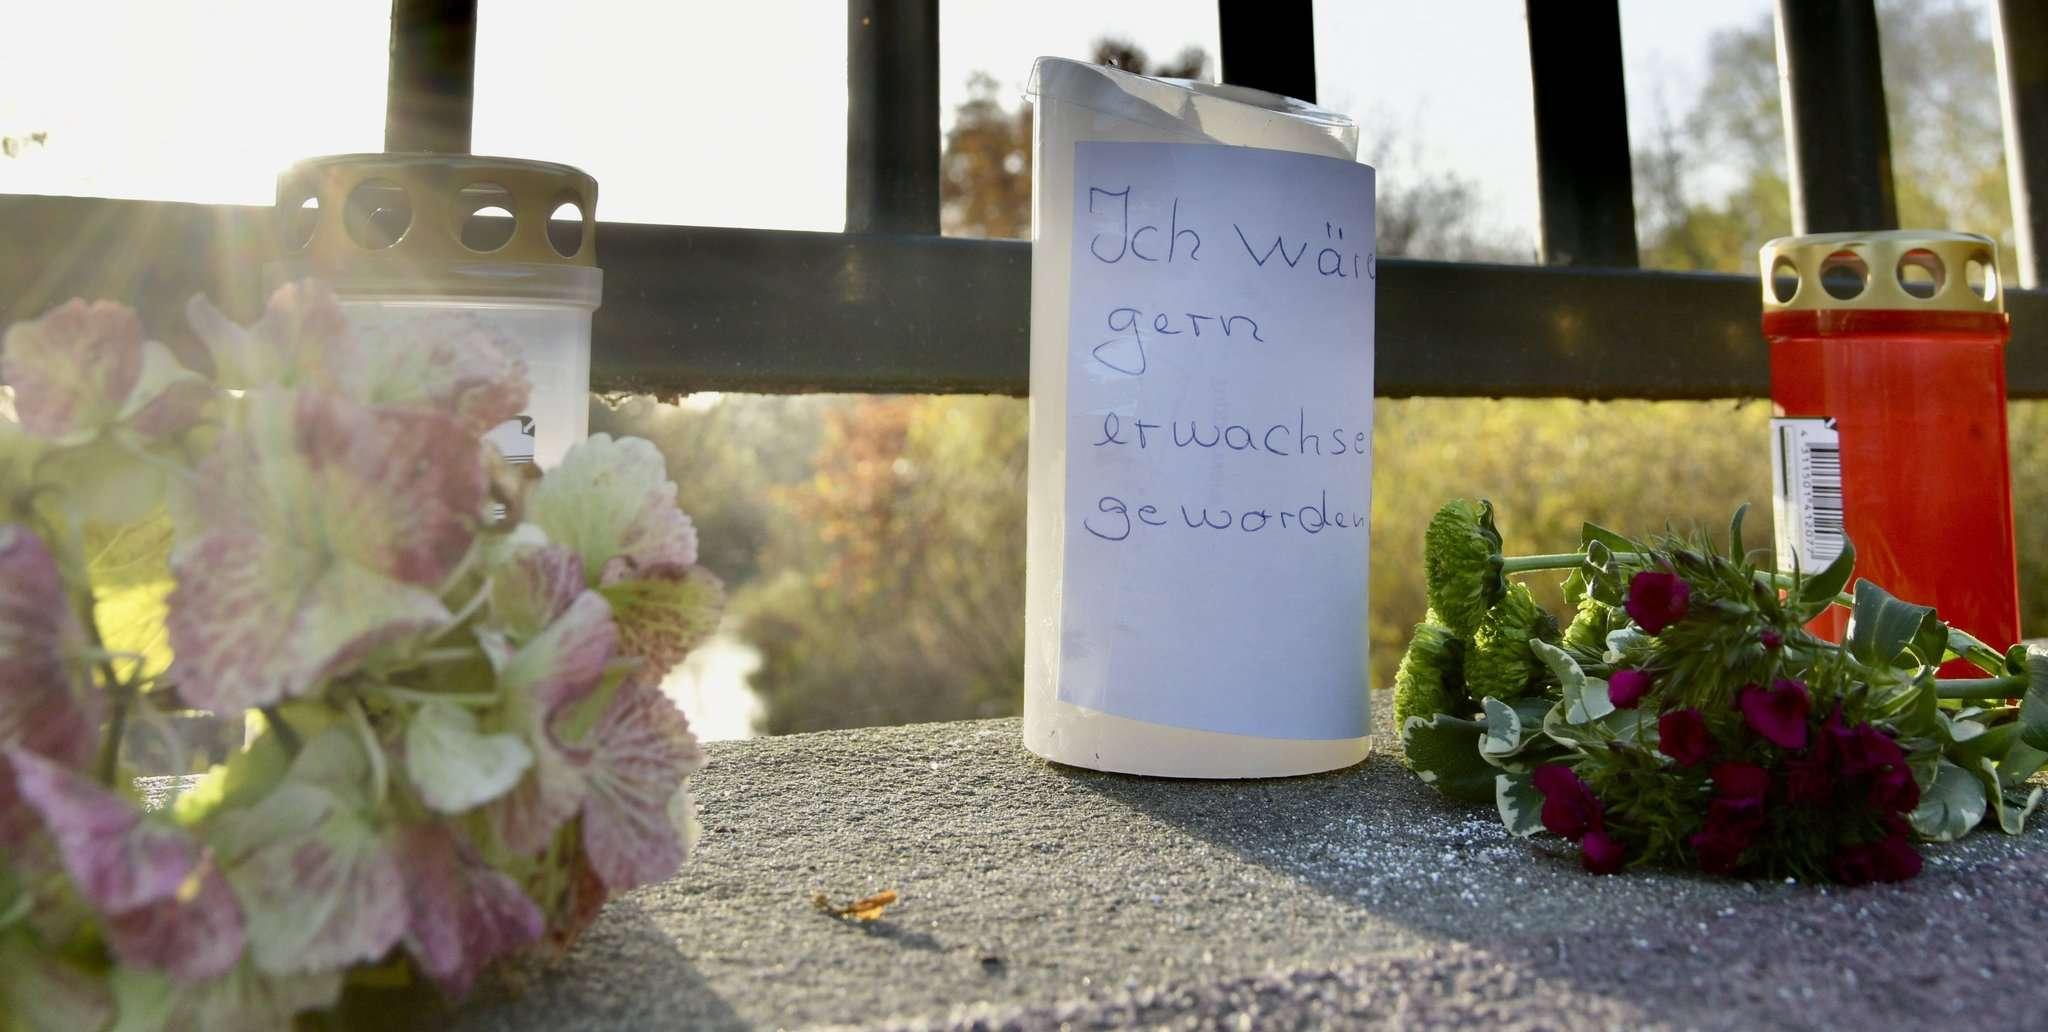 Auf der Rotenburger Amtsbrücke hatten Menschen nach der Tat im November ihrer Trauer Ausdruck verliehen. Auf einer Kerze ist der Satz zu lesen: